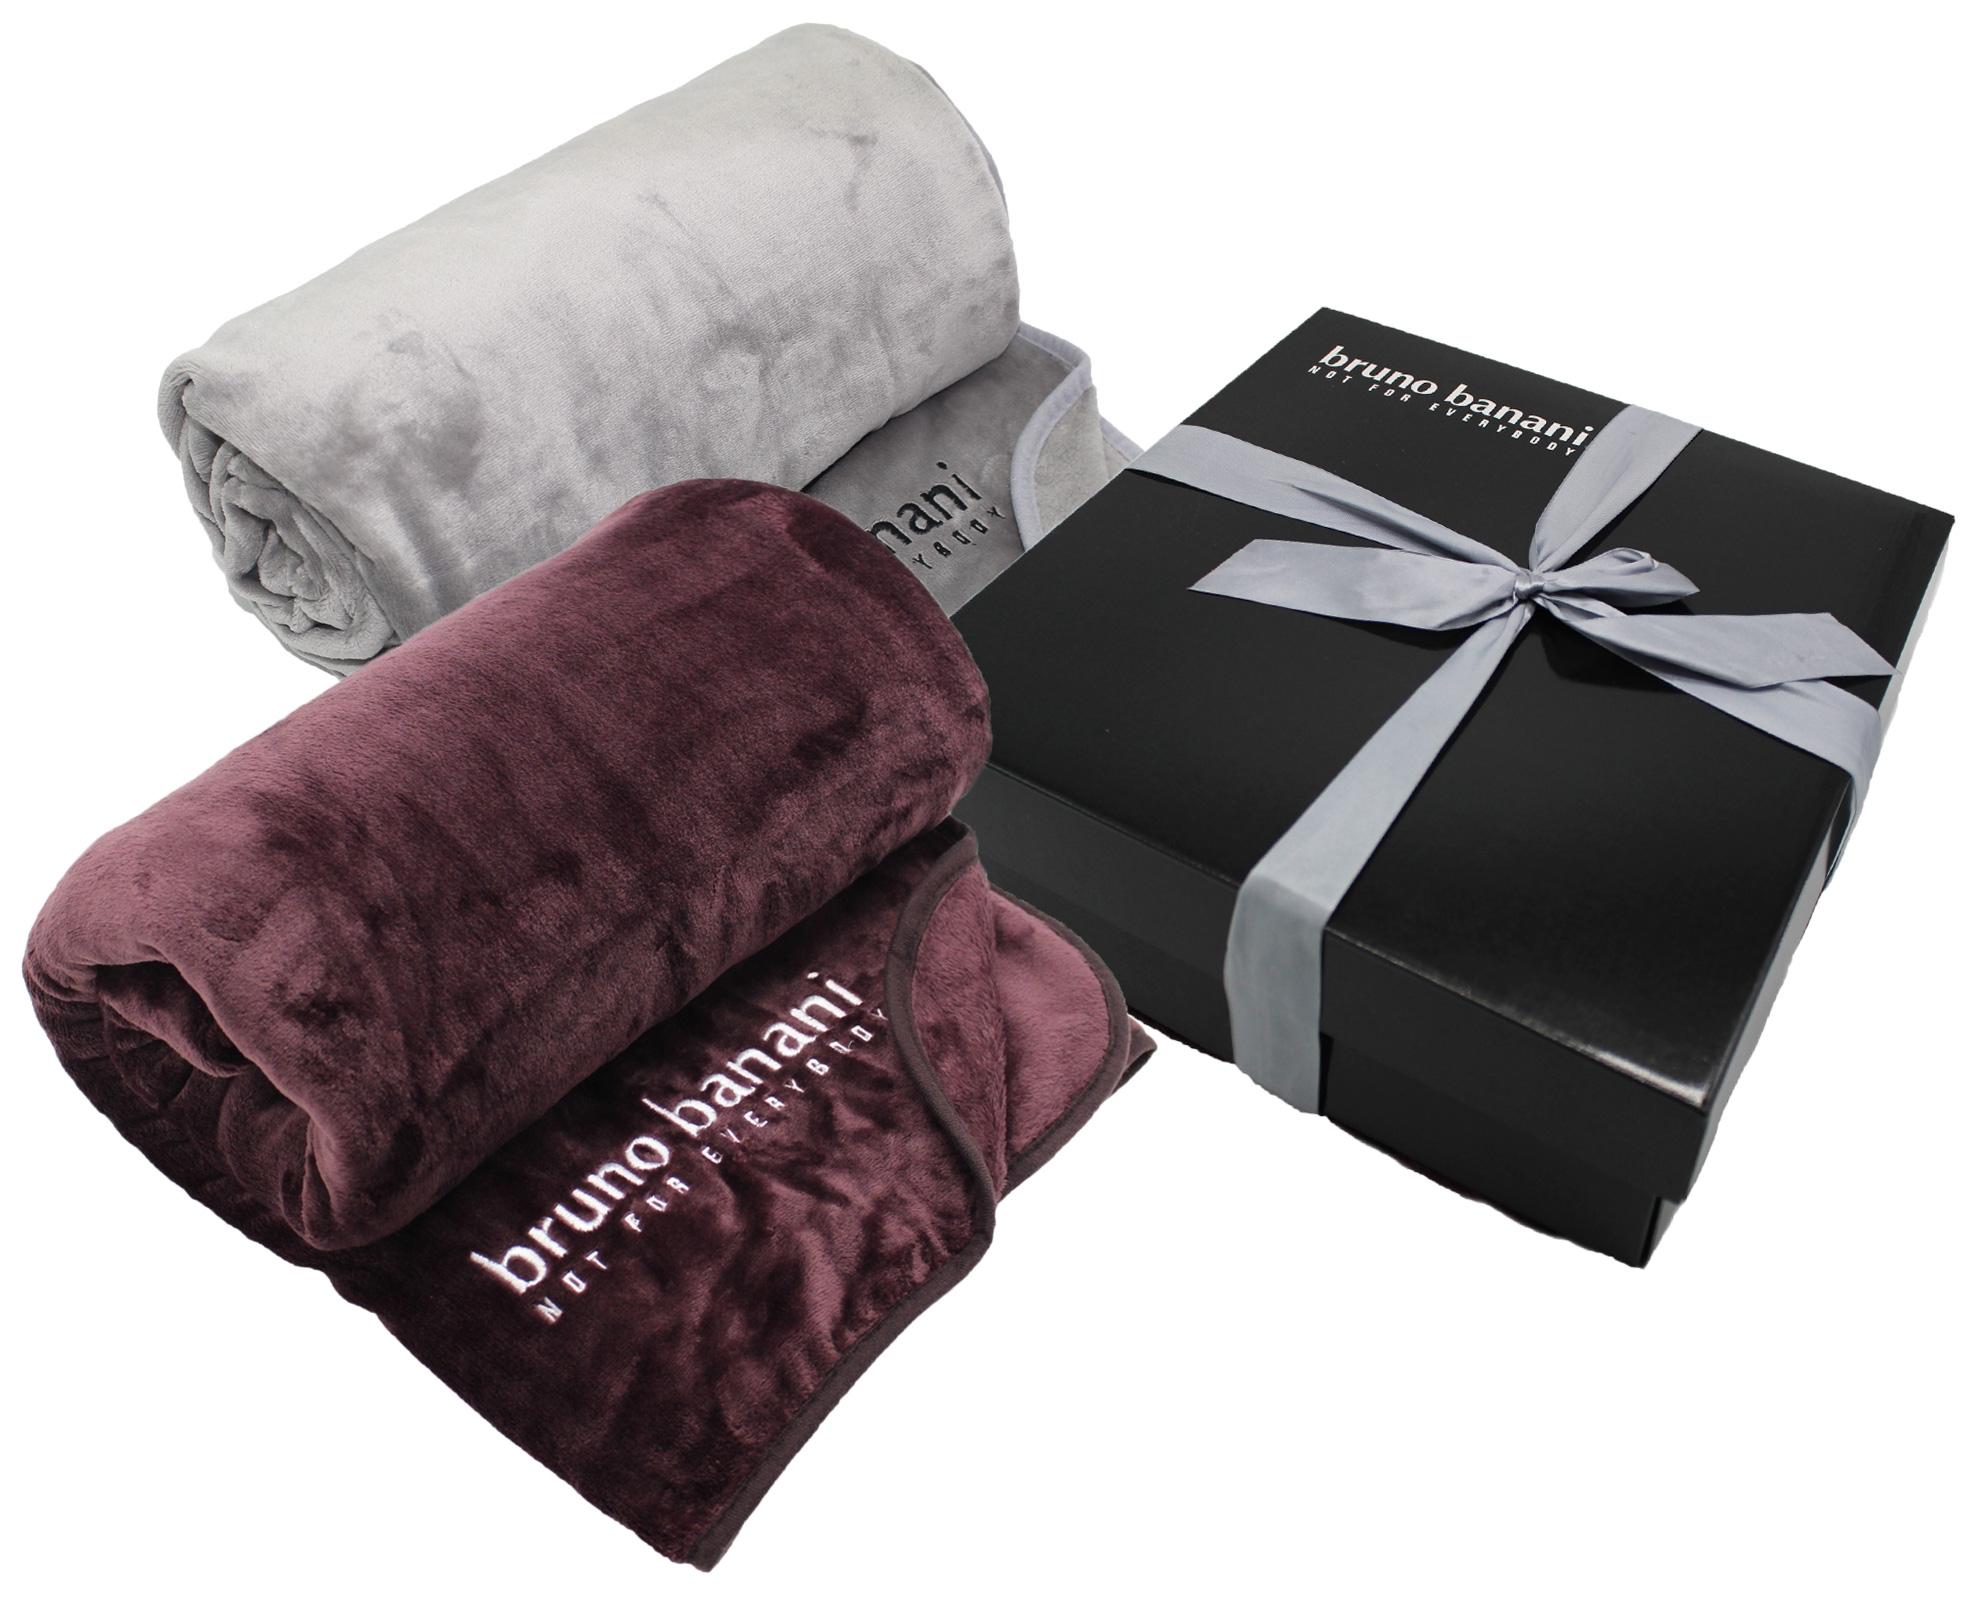 Wohndecken und Kissen - bruno banani Flanell Decke Wohndecke Kuscheldecke mit Stickung 150x200  - Onlineshop PremiumShop321